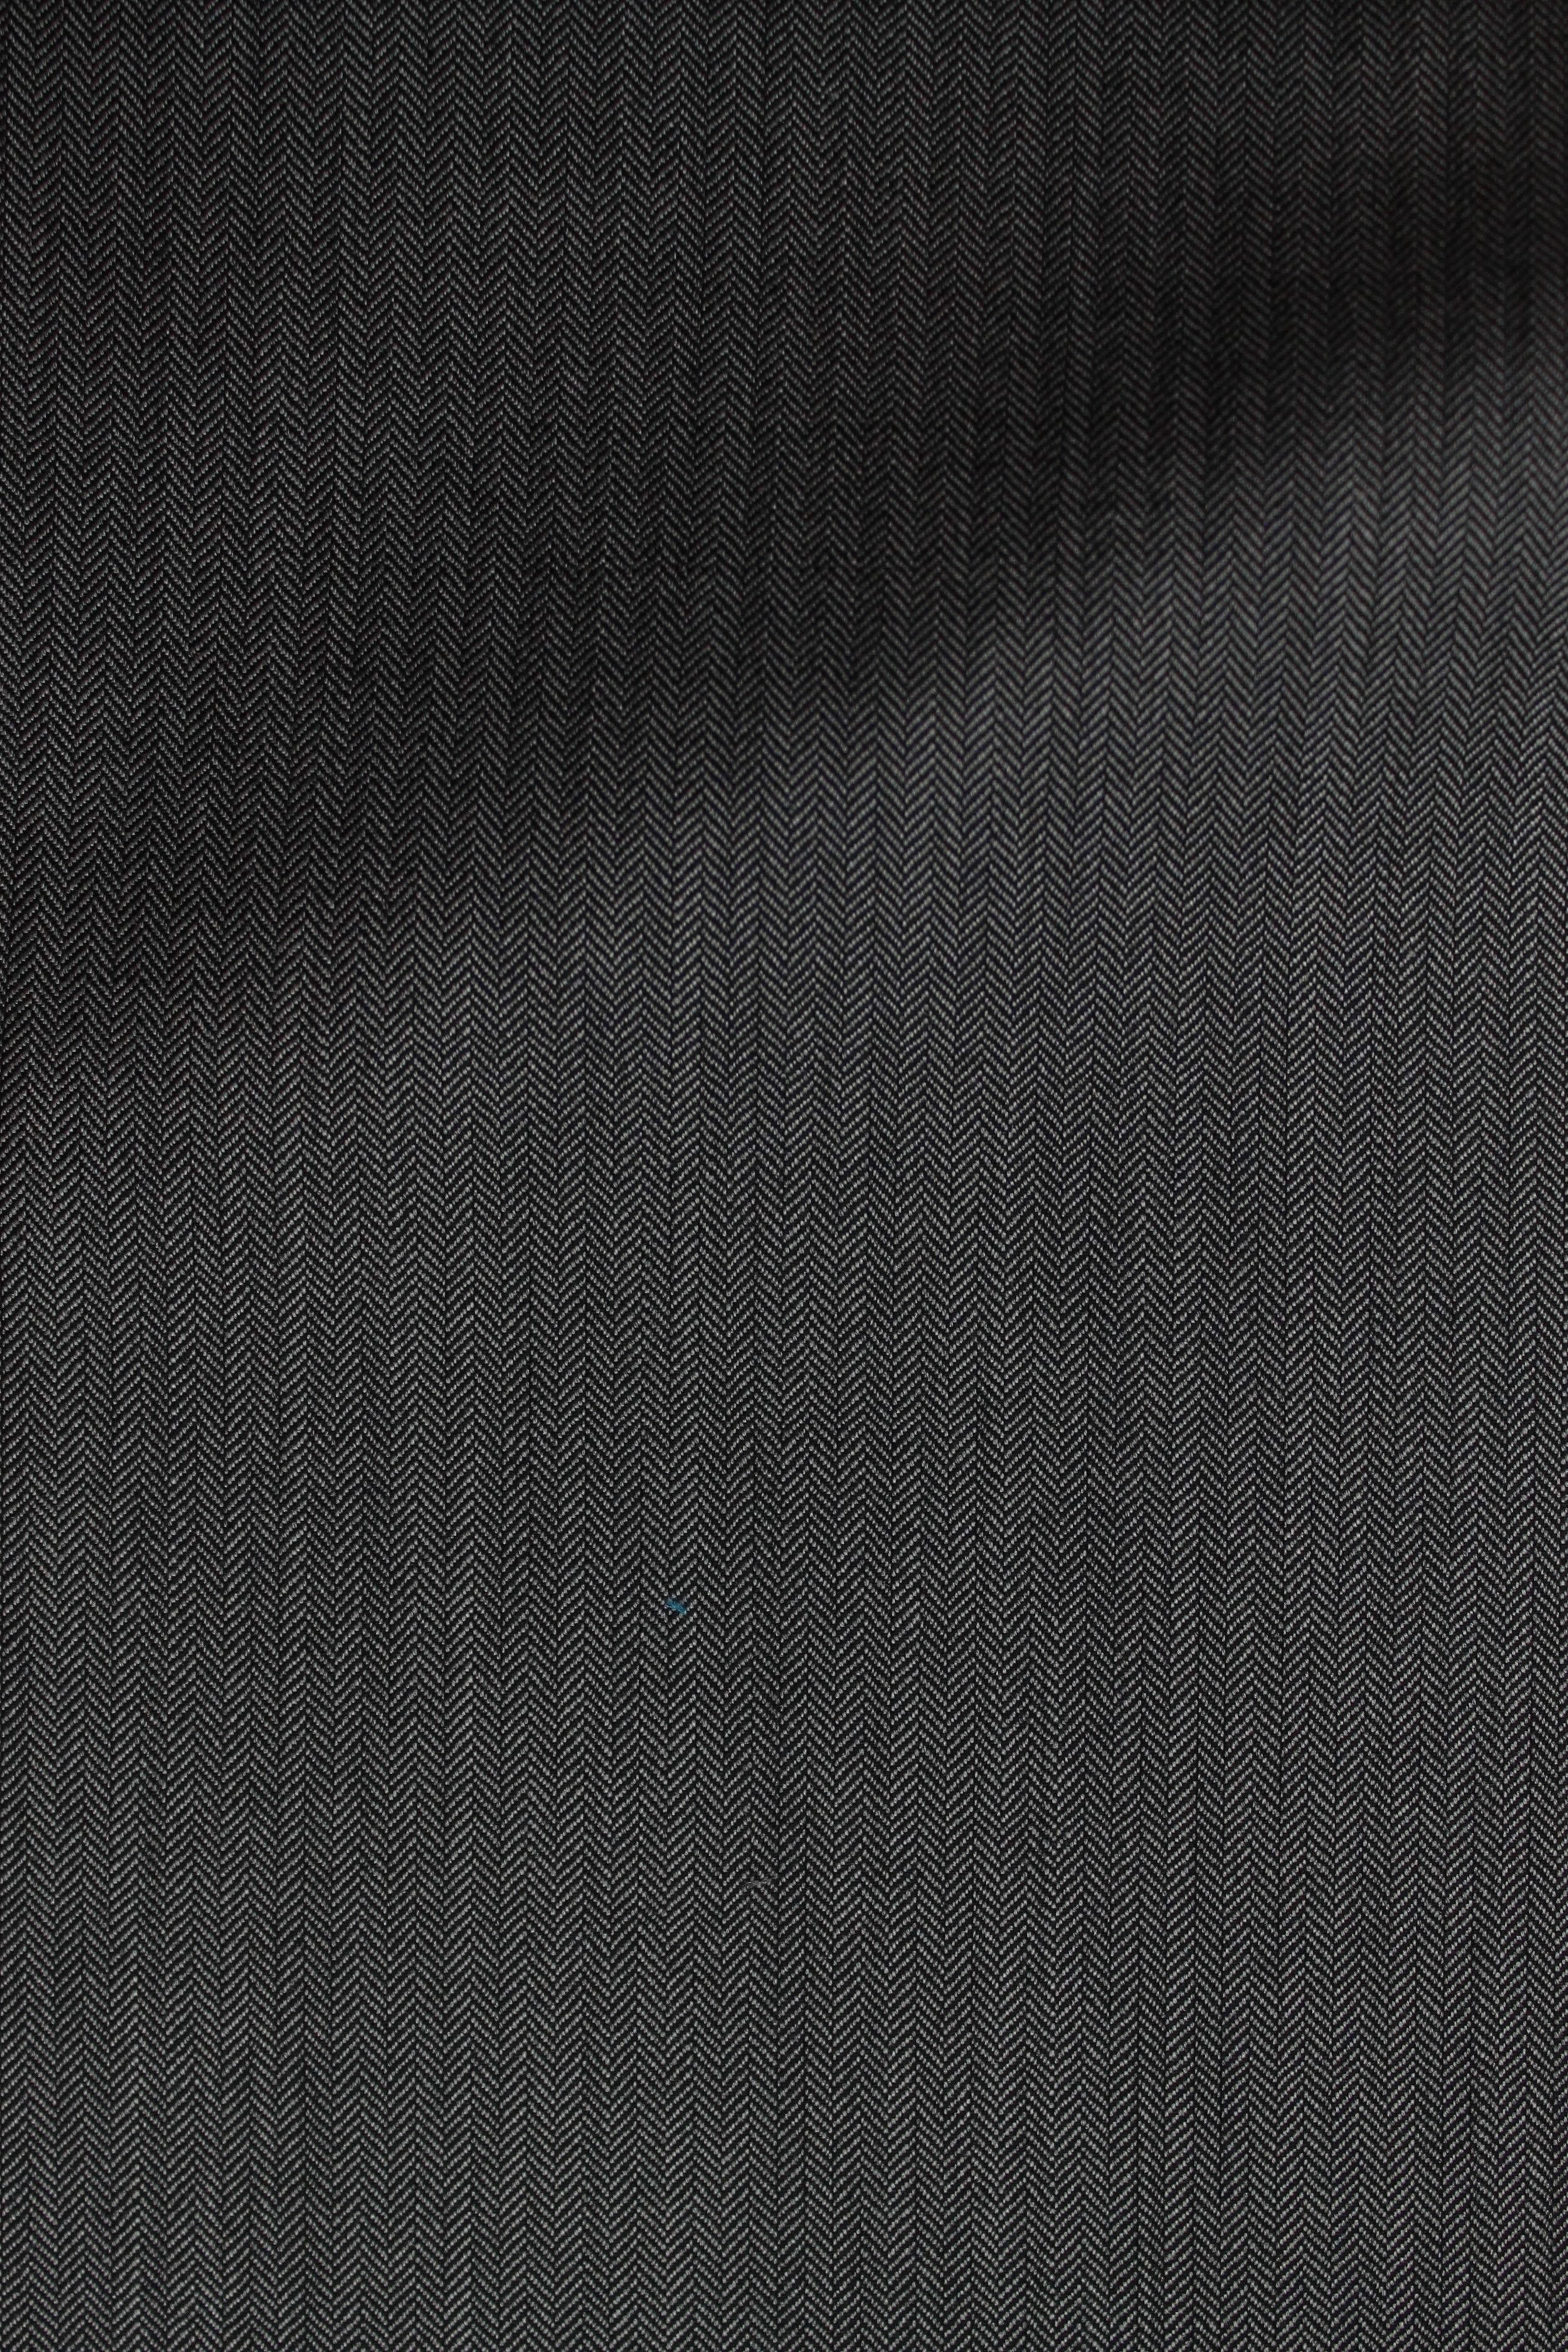 7583 Charcoal Gray Small Herringbone 280g.JPG